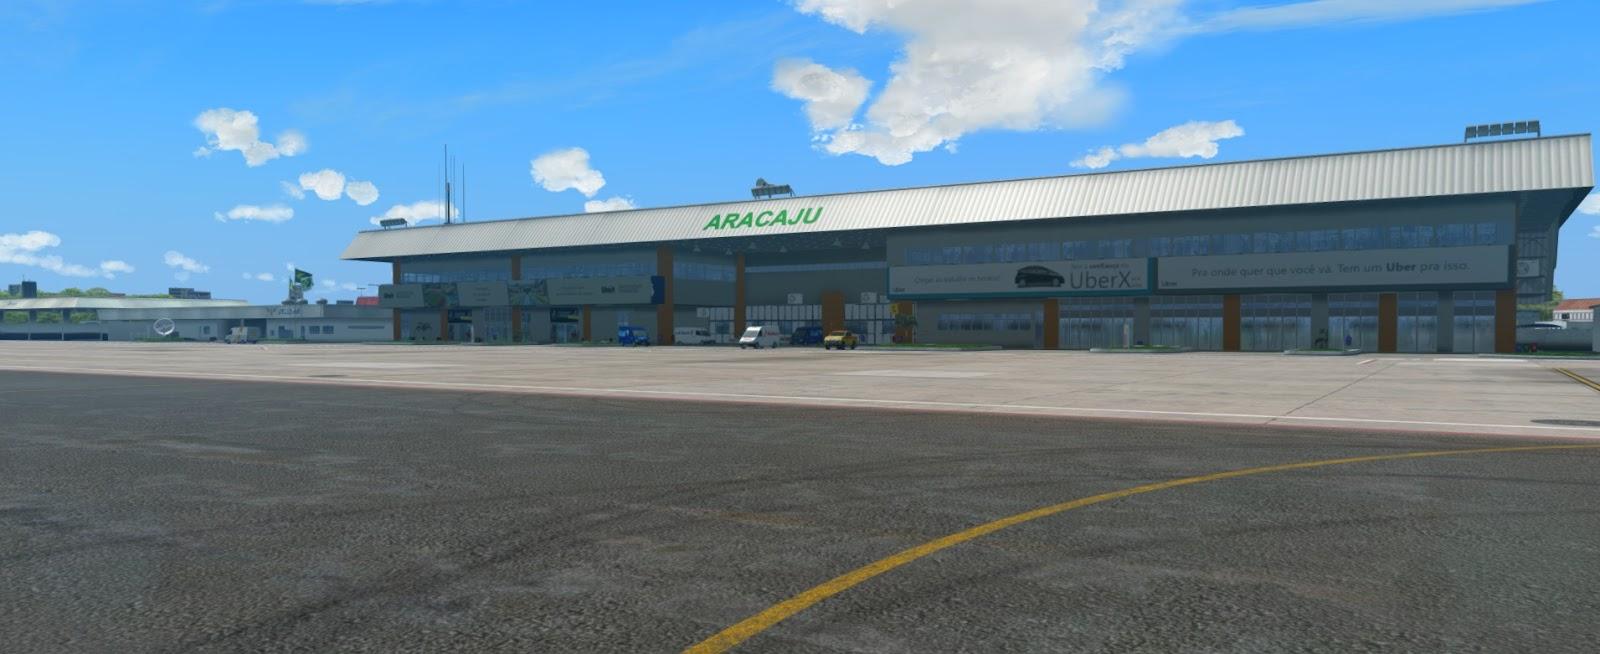 [Loja] SBARX2020 - Aeroporto de Aracaju FSX, Prepar3D 4(s) V. 2.0